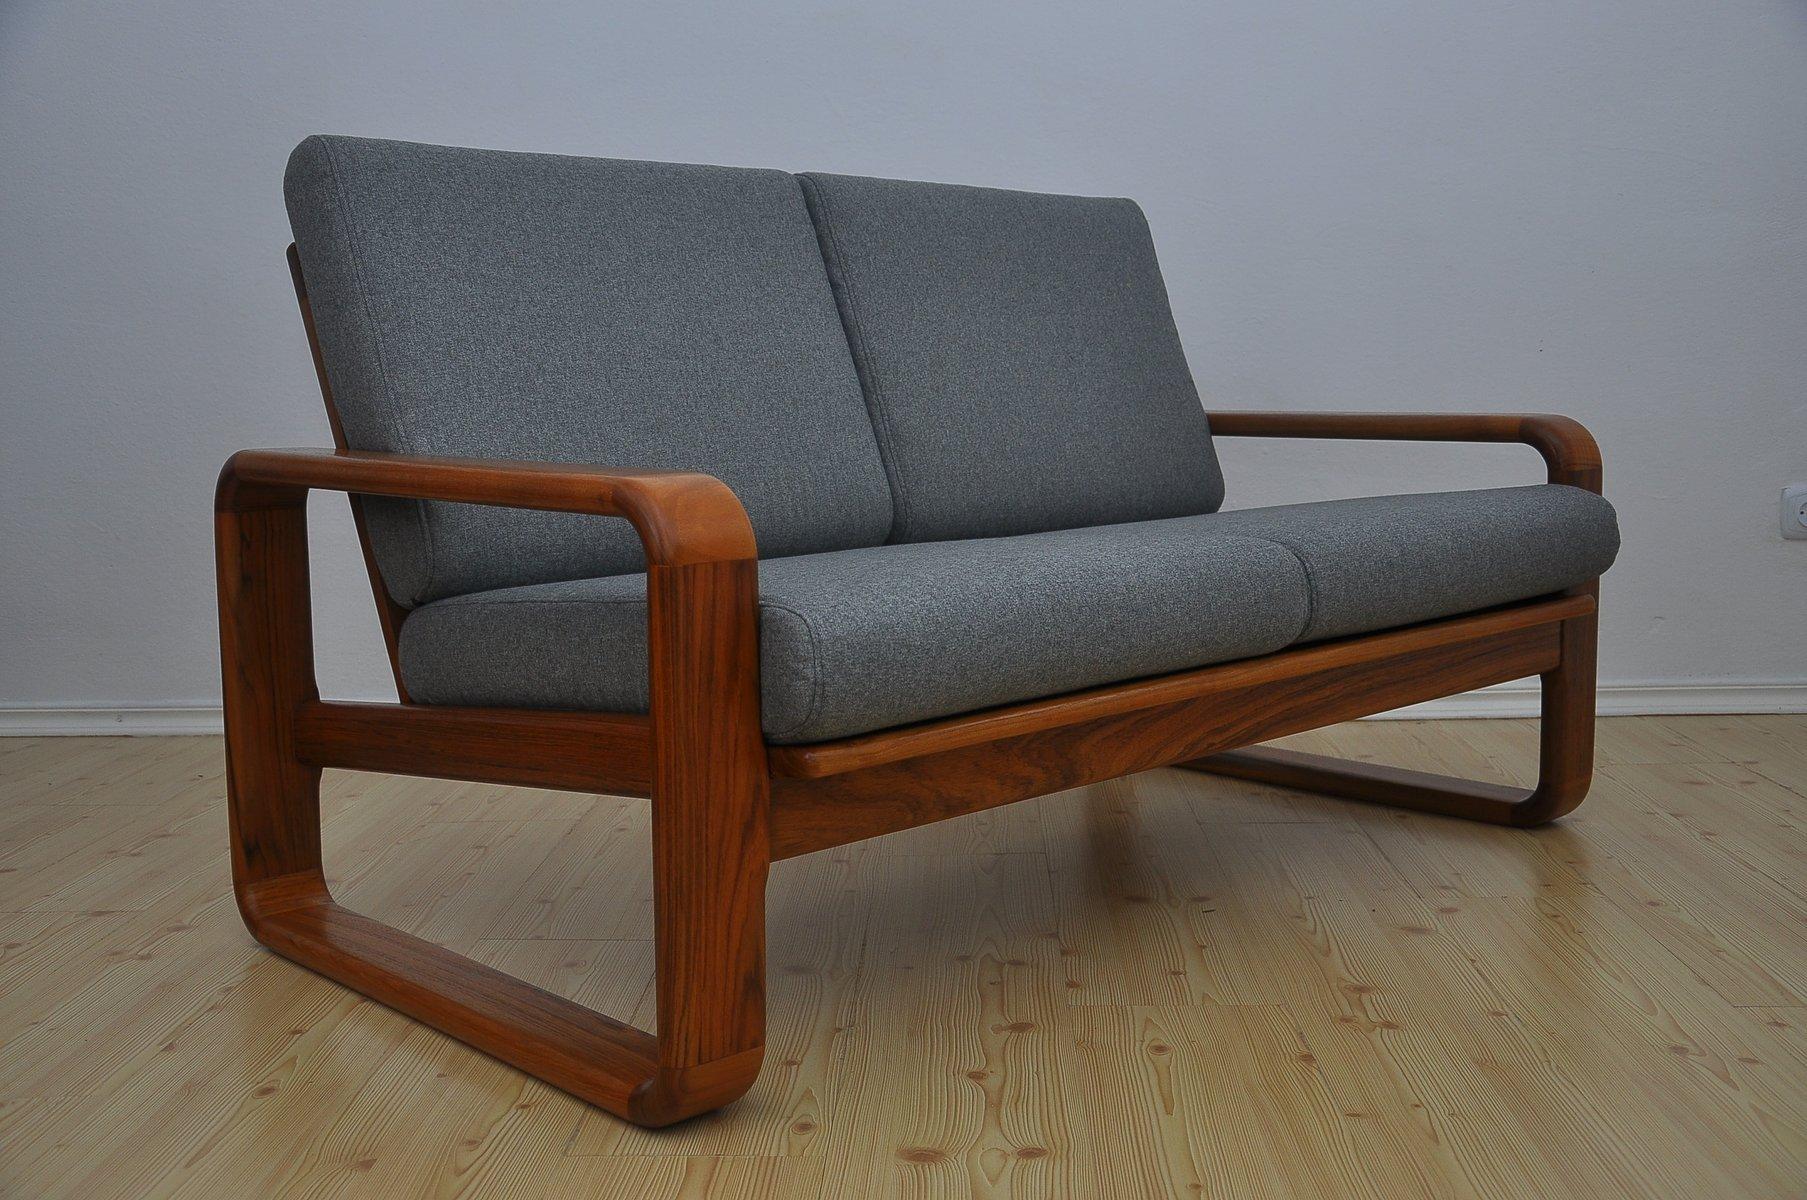 2 sitzer sofa aus massivem teakholz 1970er bei pamono kaufen. Black Bedroom Furniture Sets. Home Design Ideas